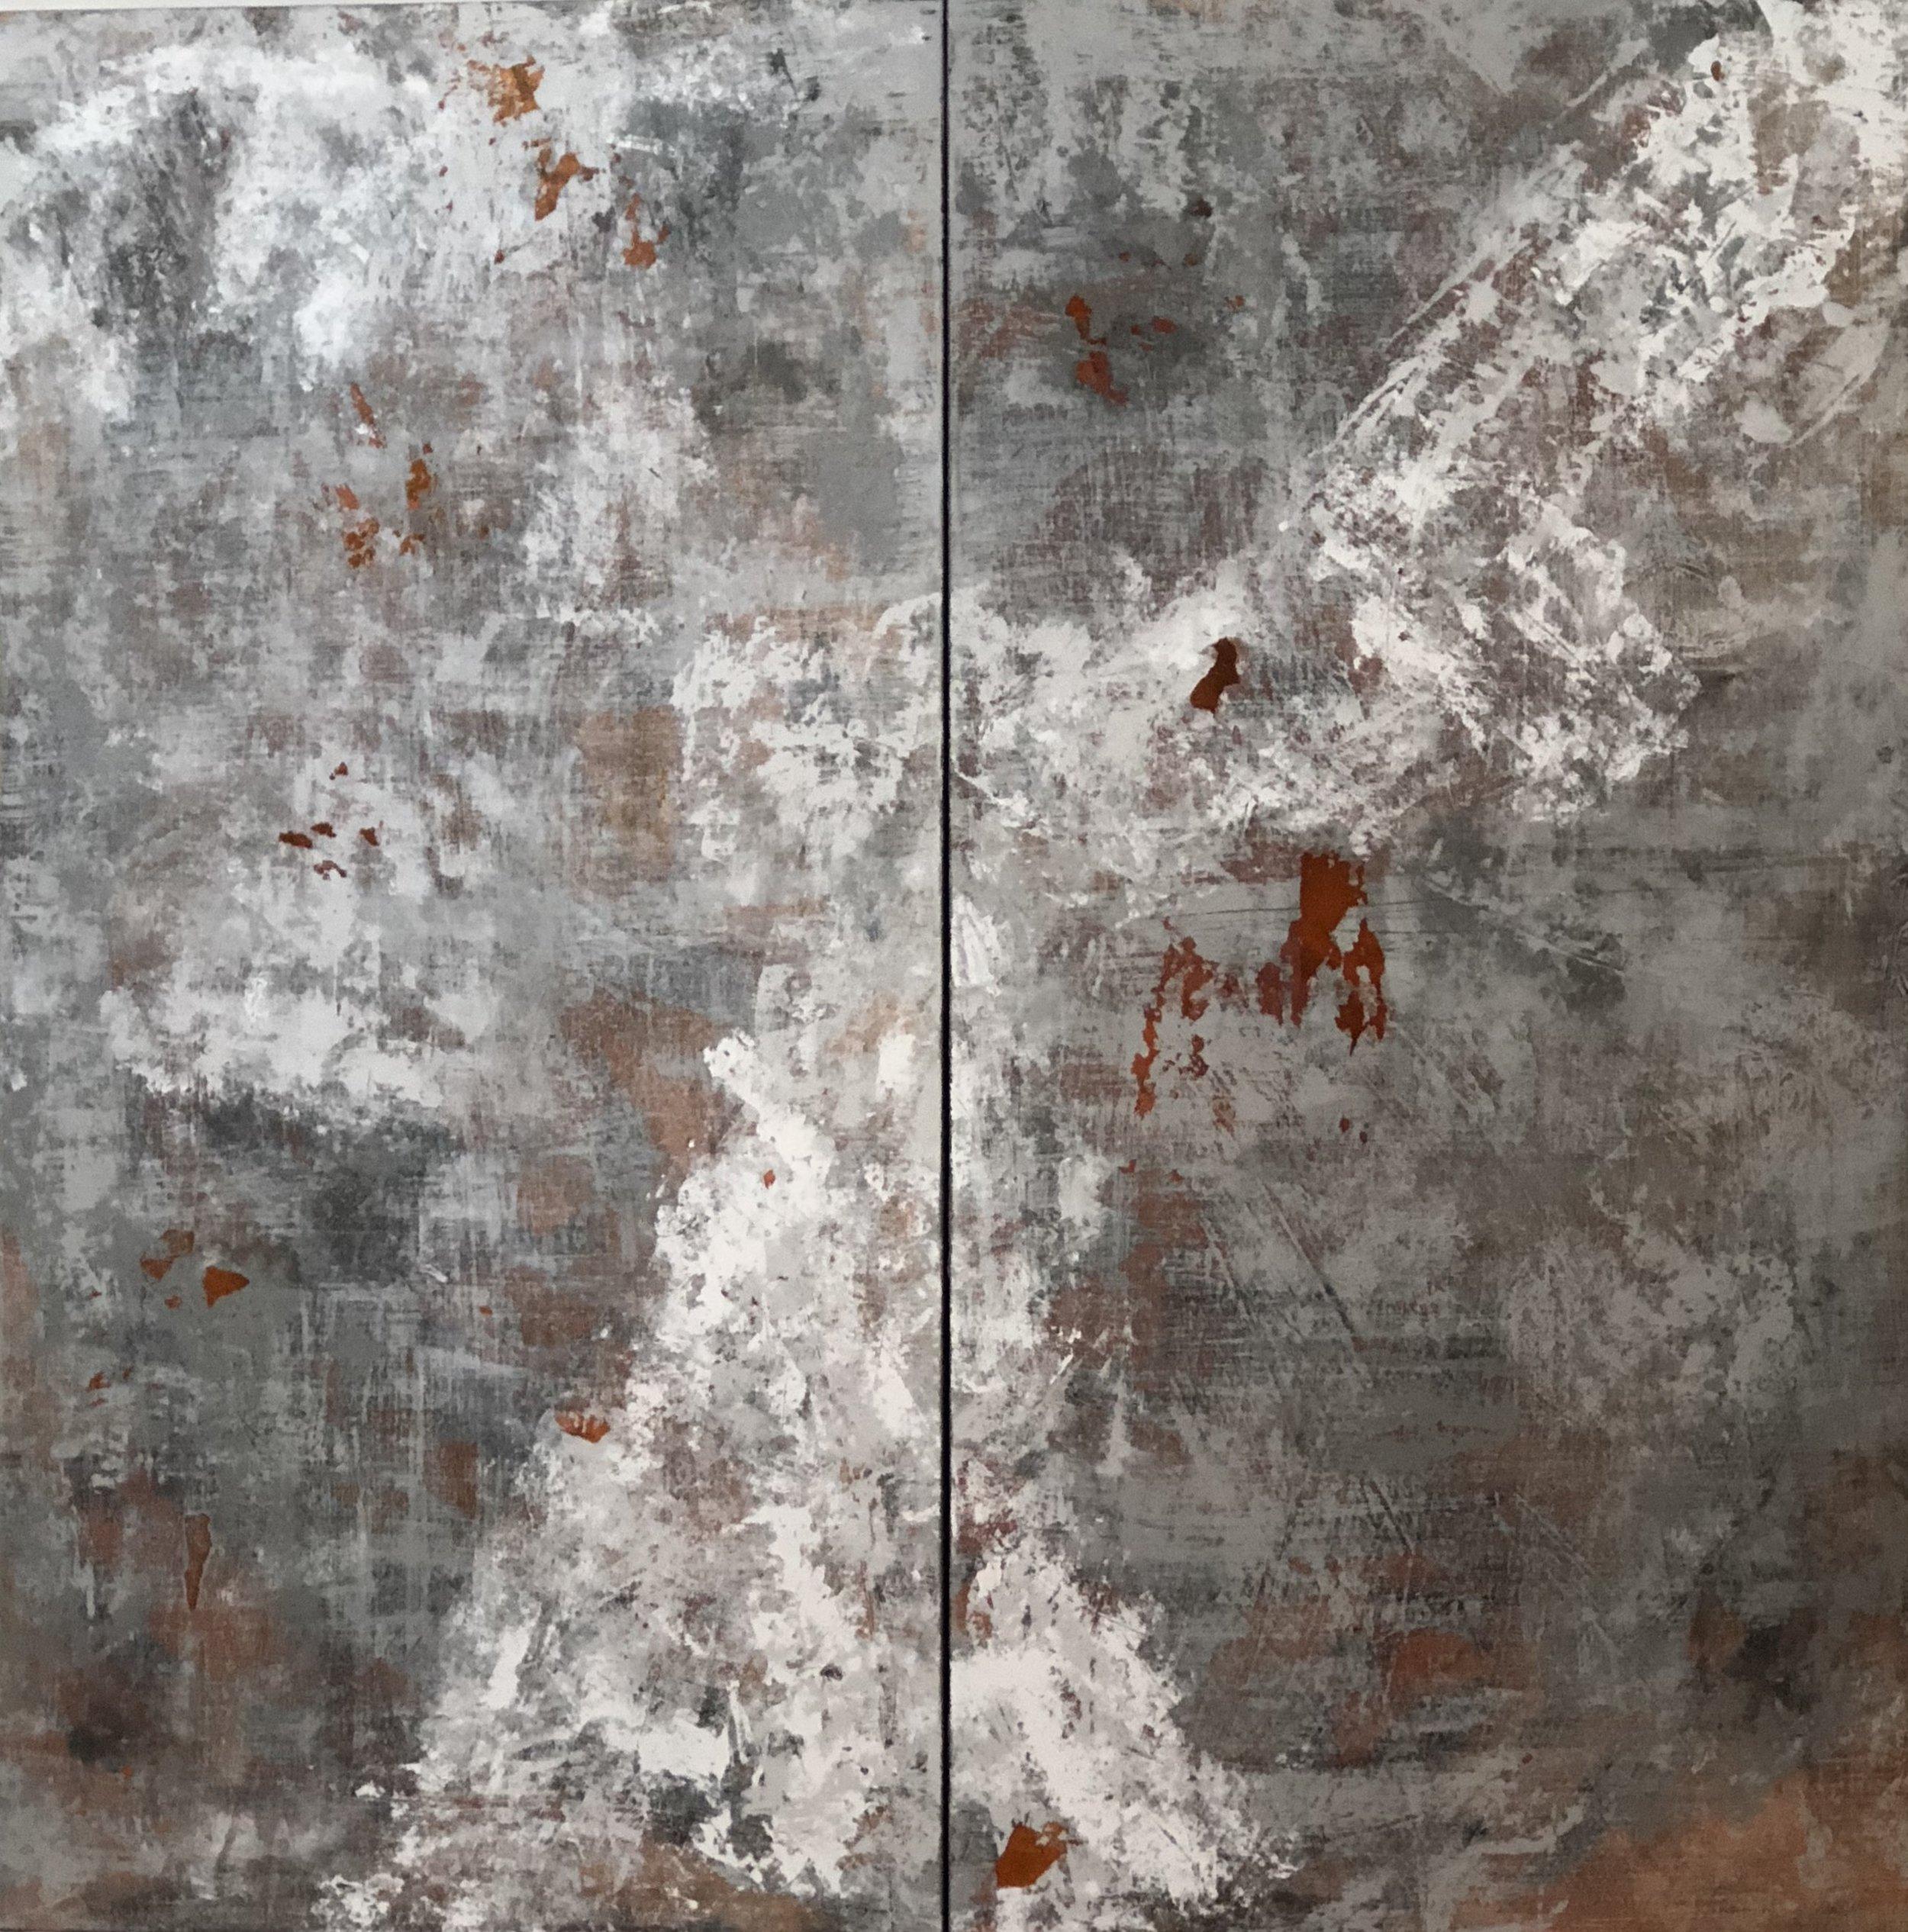 NYC Subway Inspiration Series: Walls look back